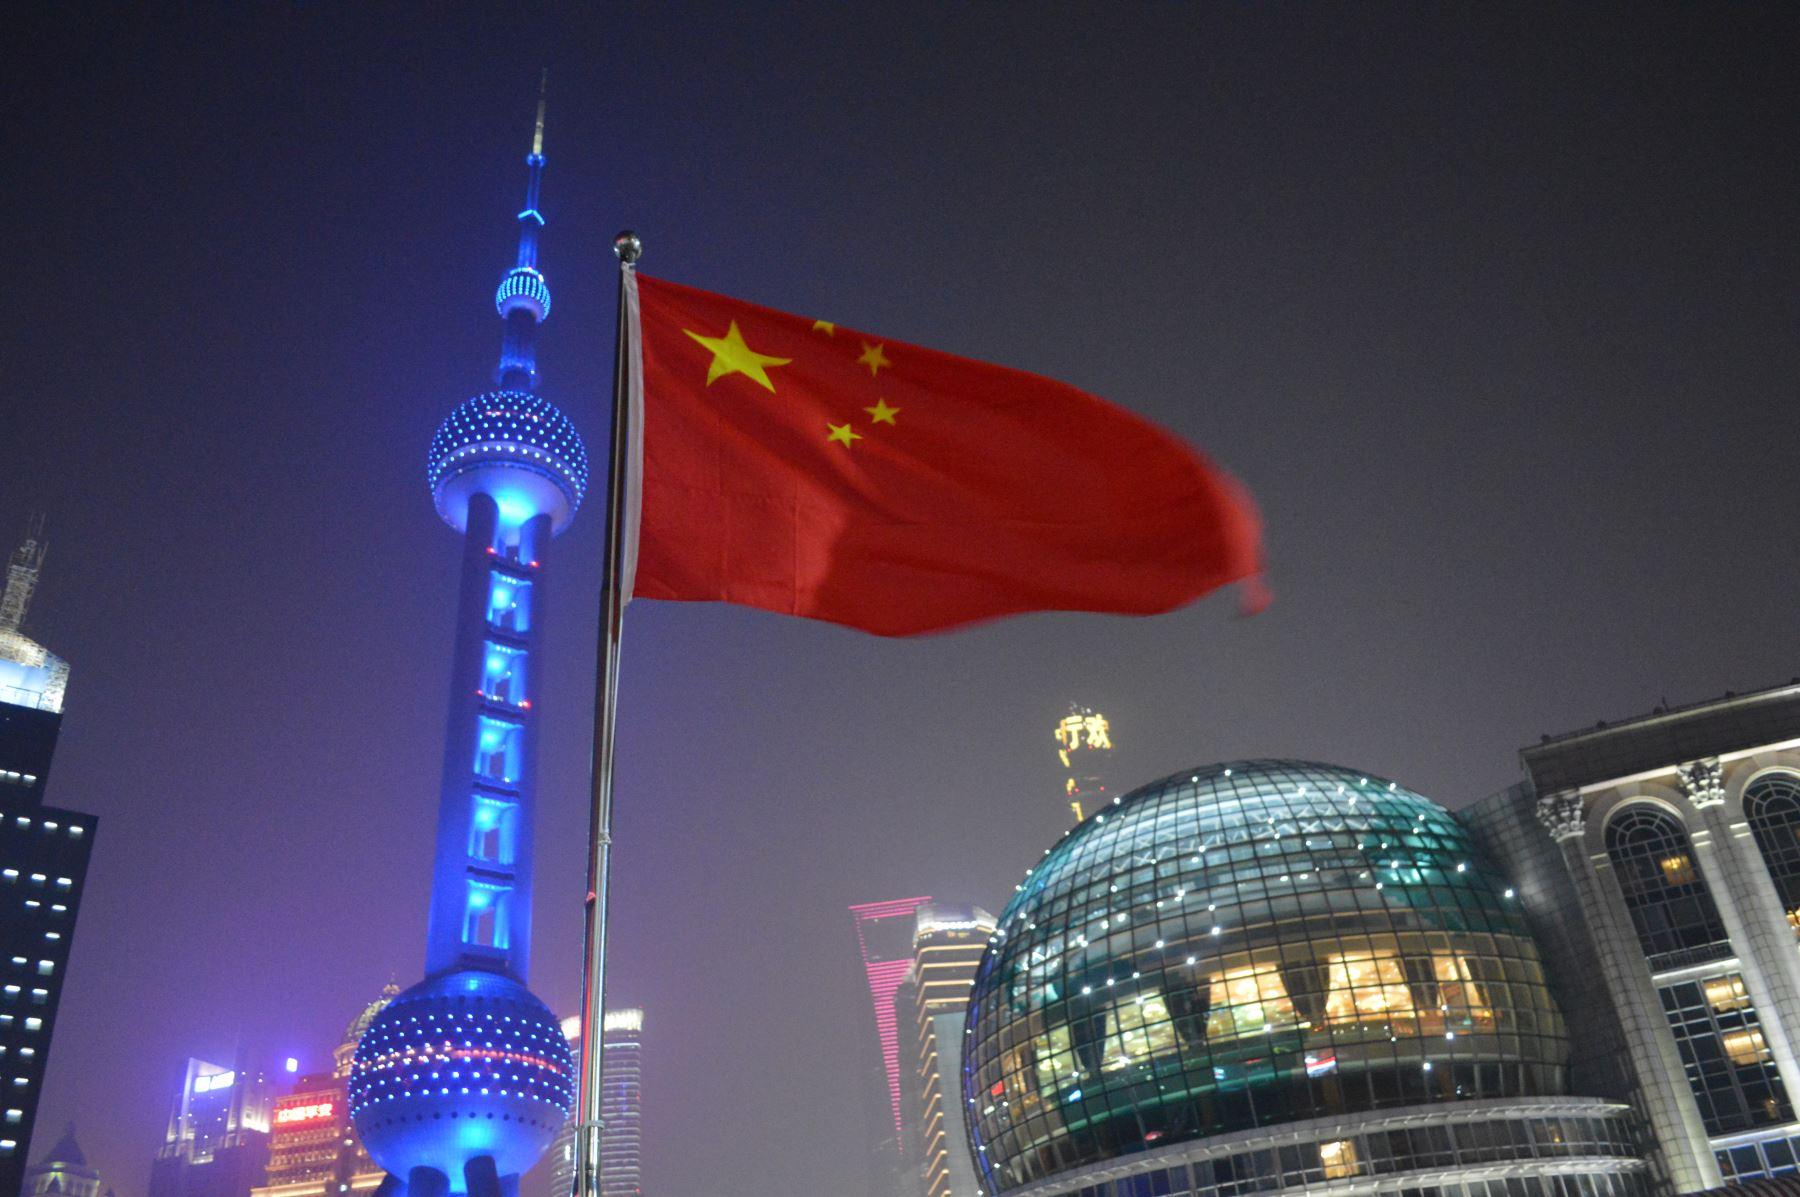 Shanghai, una de las ciudades más importantes de China por el dinamismo de su economía. Foto: ANDINA/ Víctor Véliz.